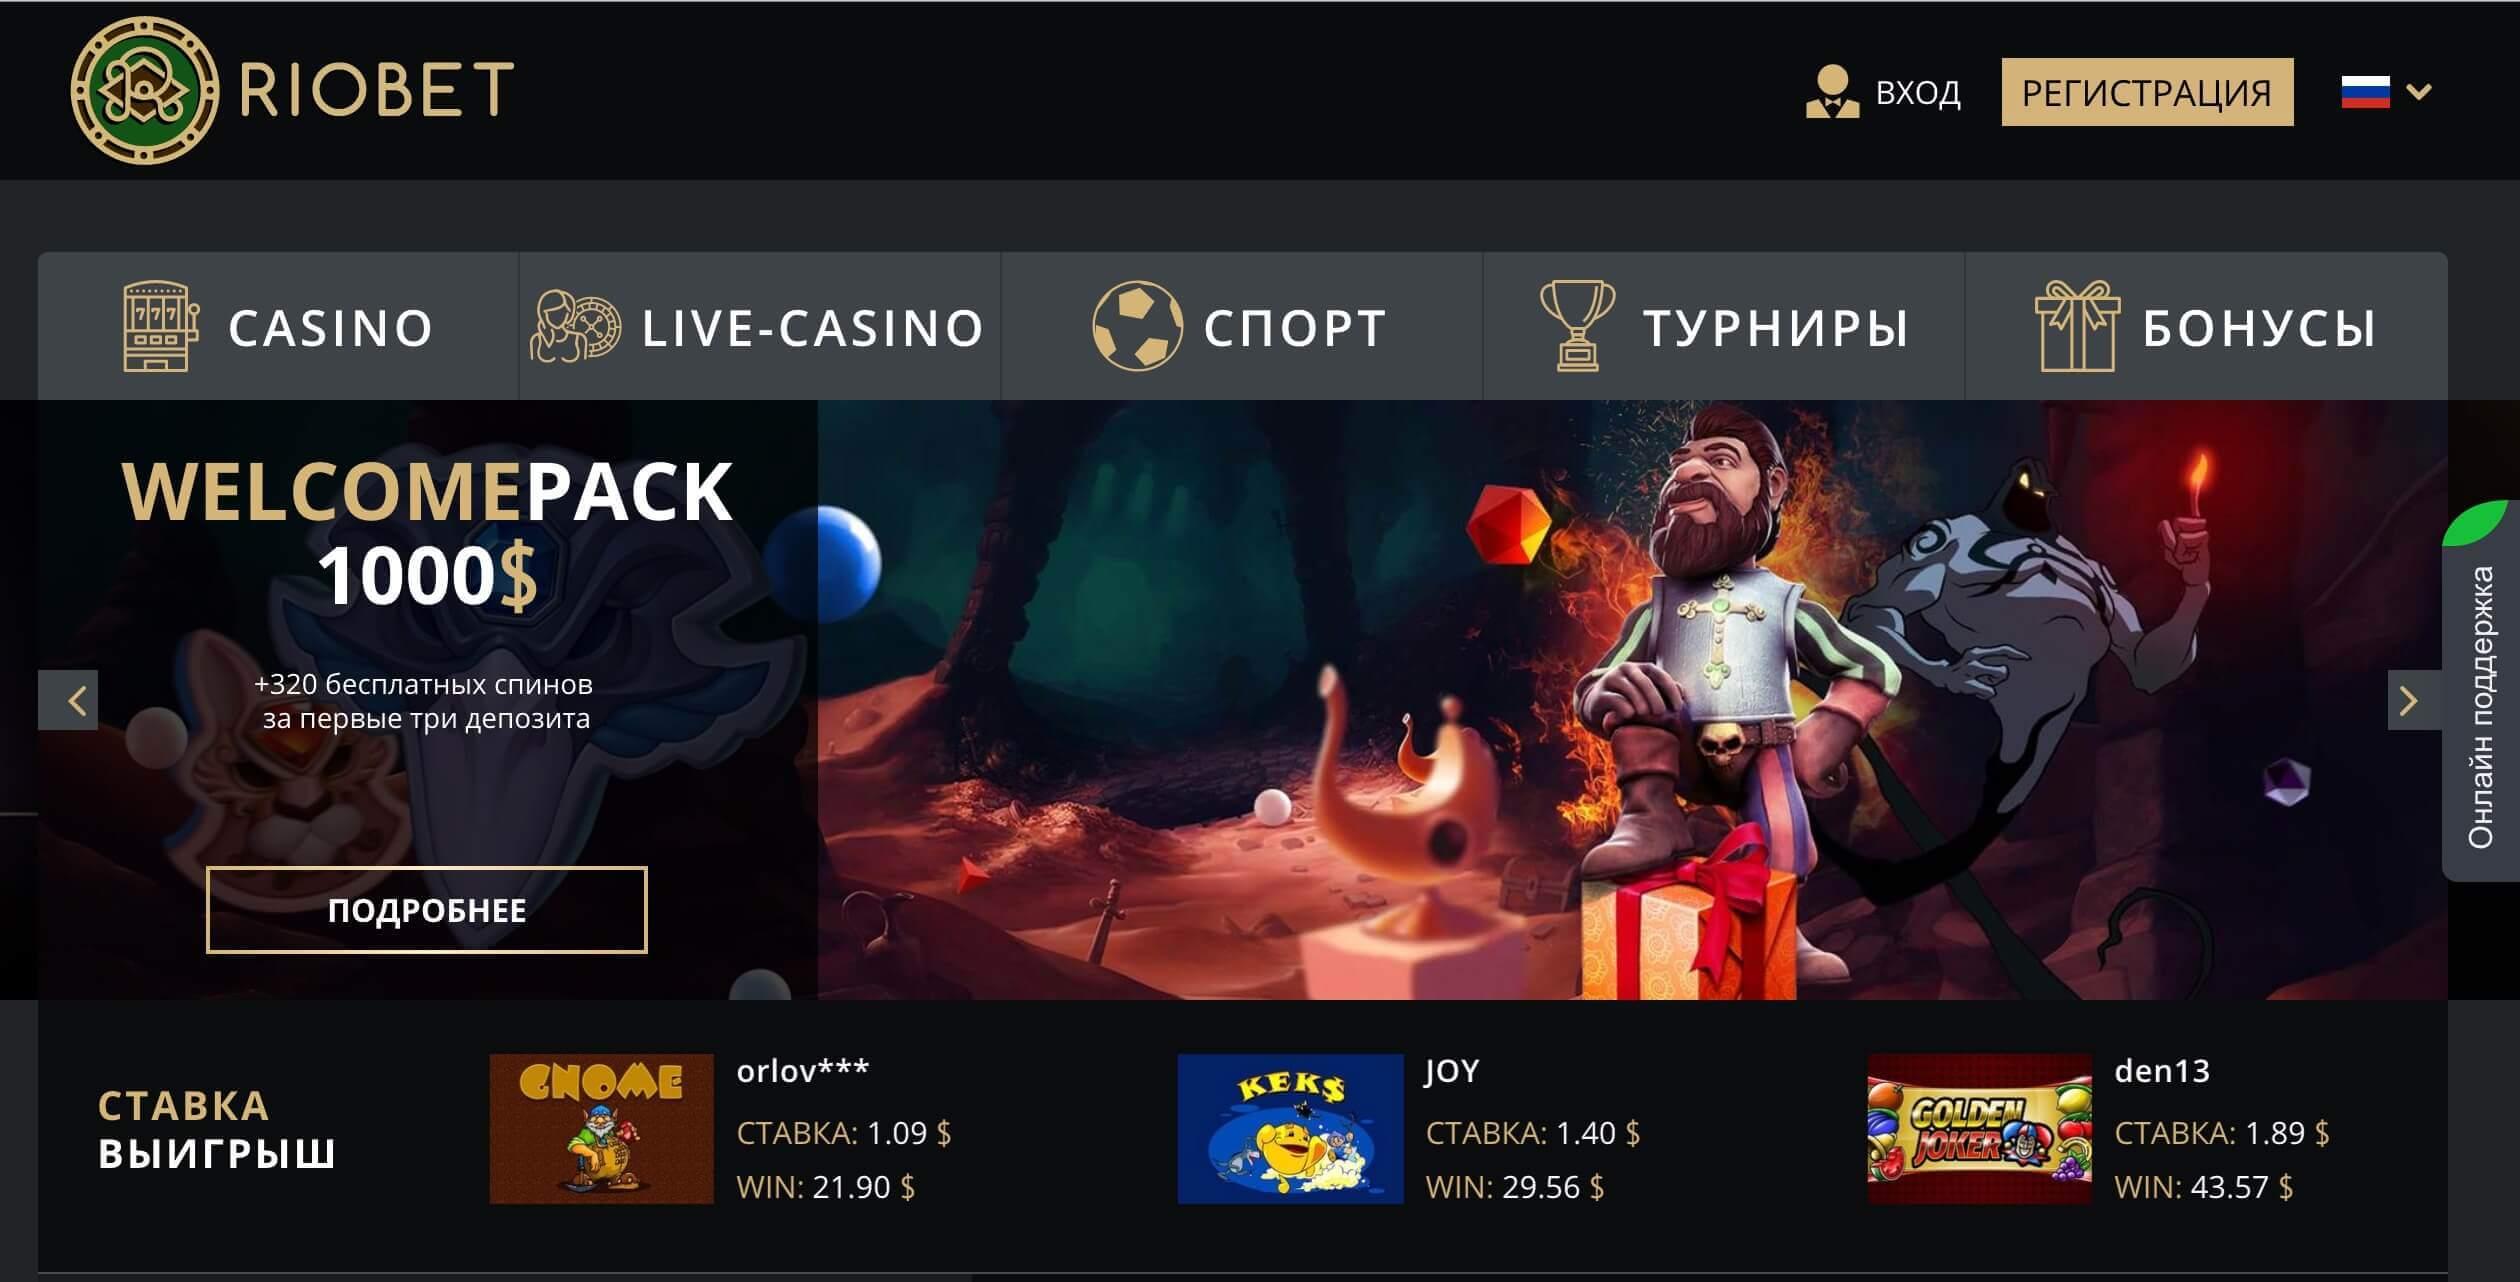 Риобет казино официальный сайт